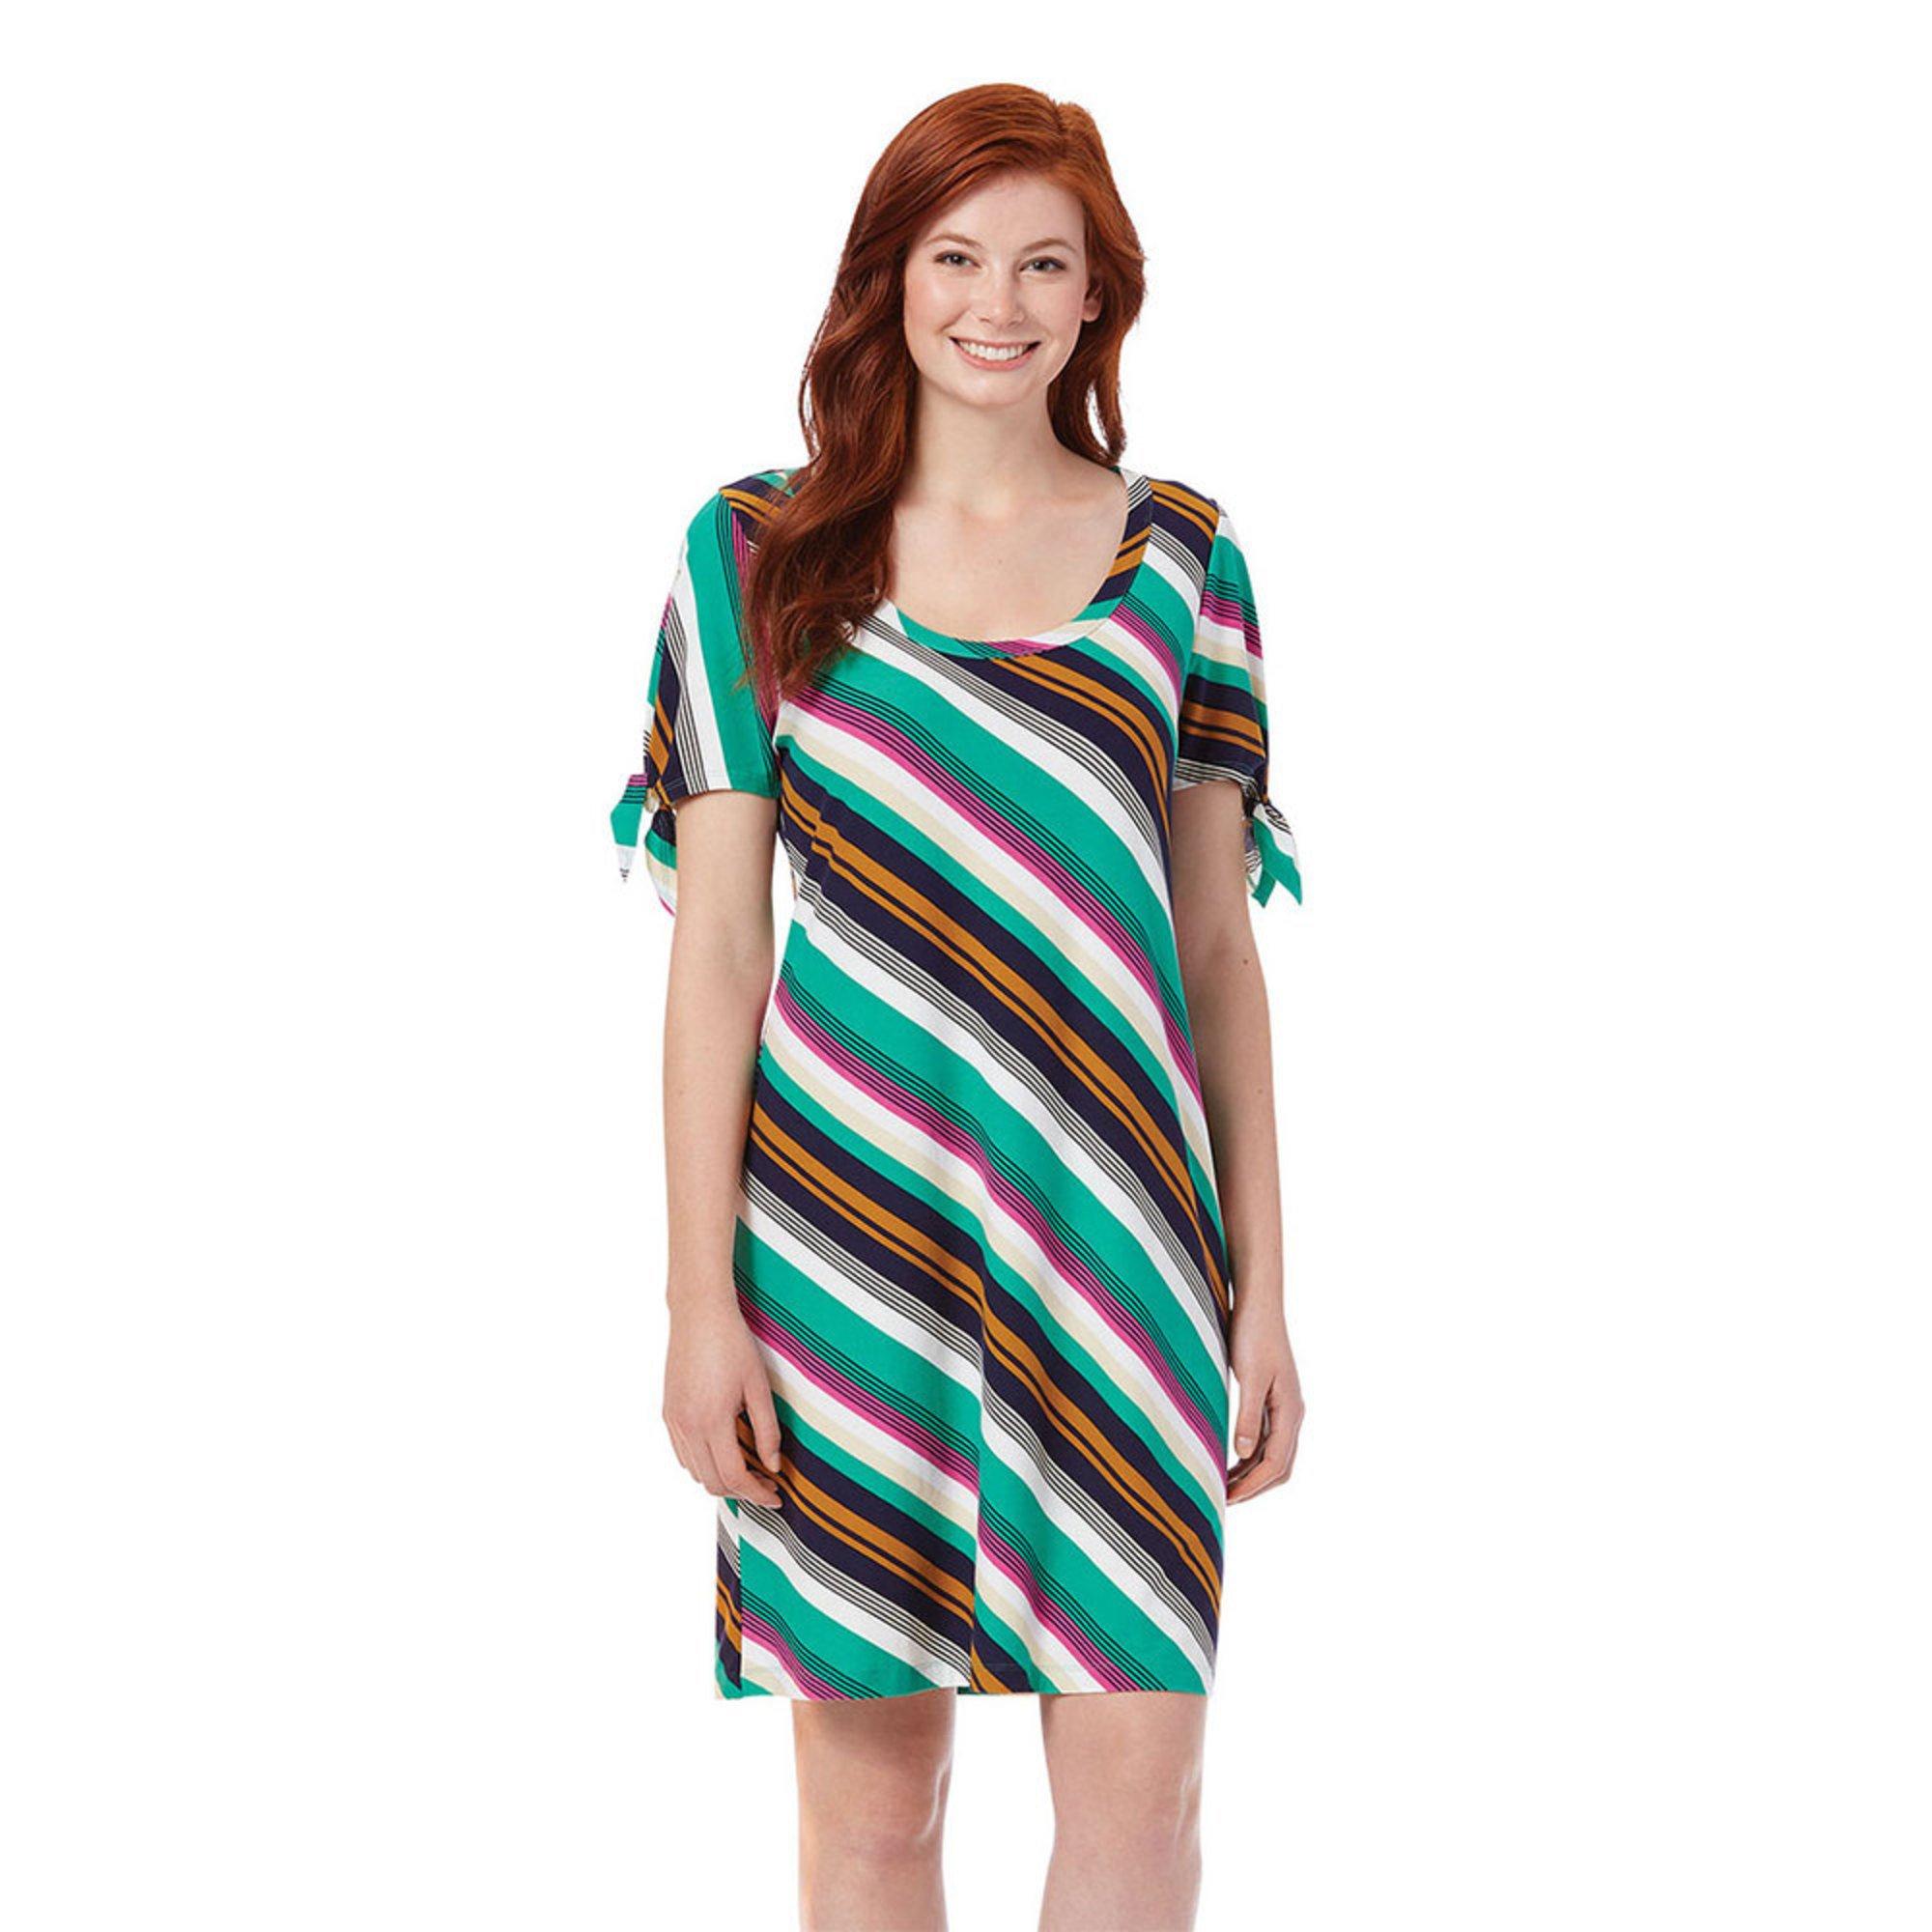 54e46c50e3 Allison Brittney. Allison Brittney Women s Tie Sleeve Diagonal Striped  Yummy Knit Swing Dress